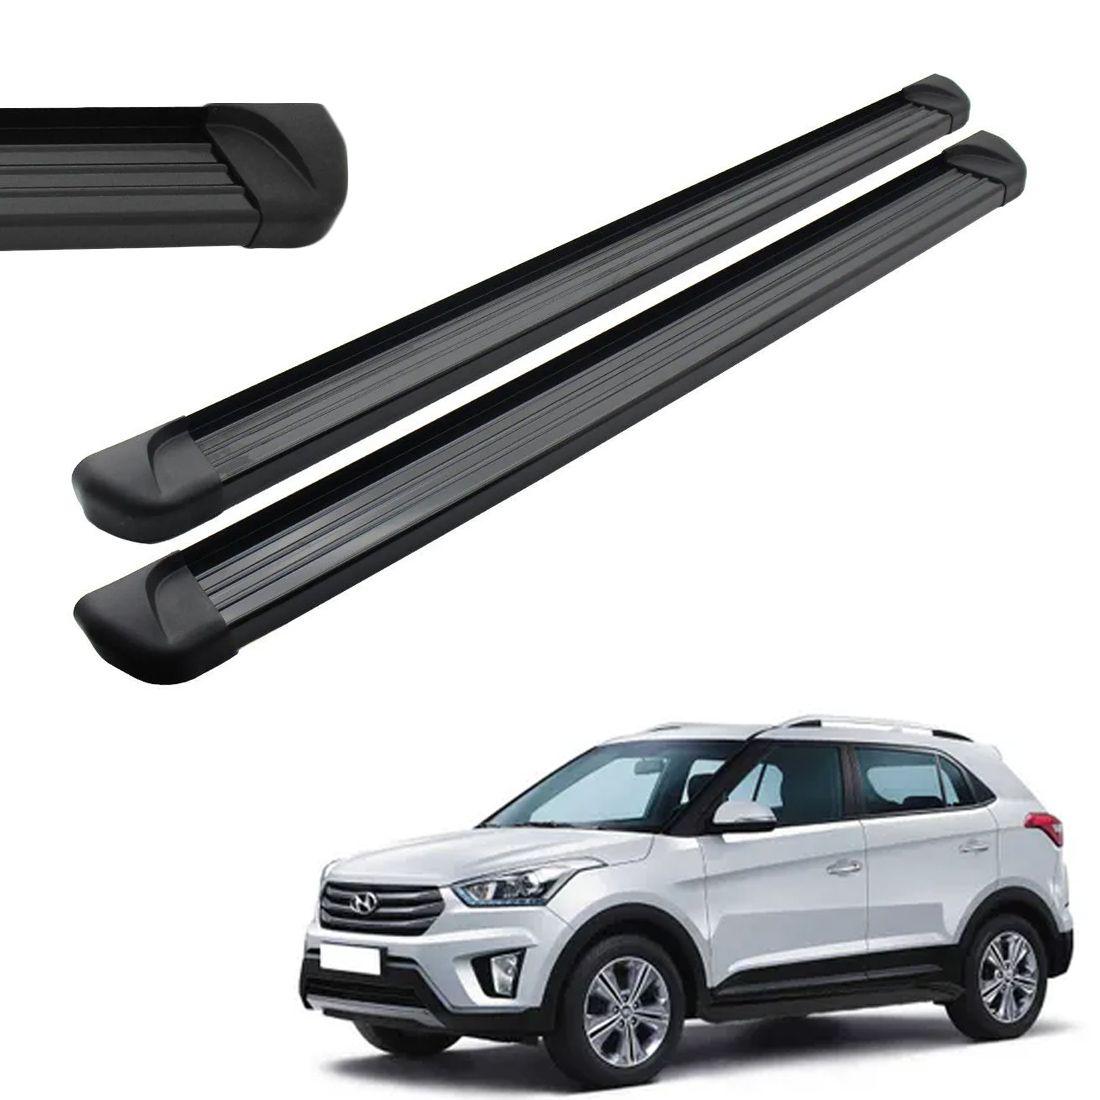 Estribo Lateral Aluminio Preto Hyundai Creta